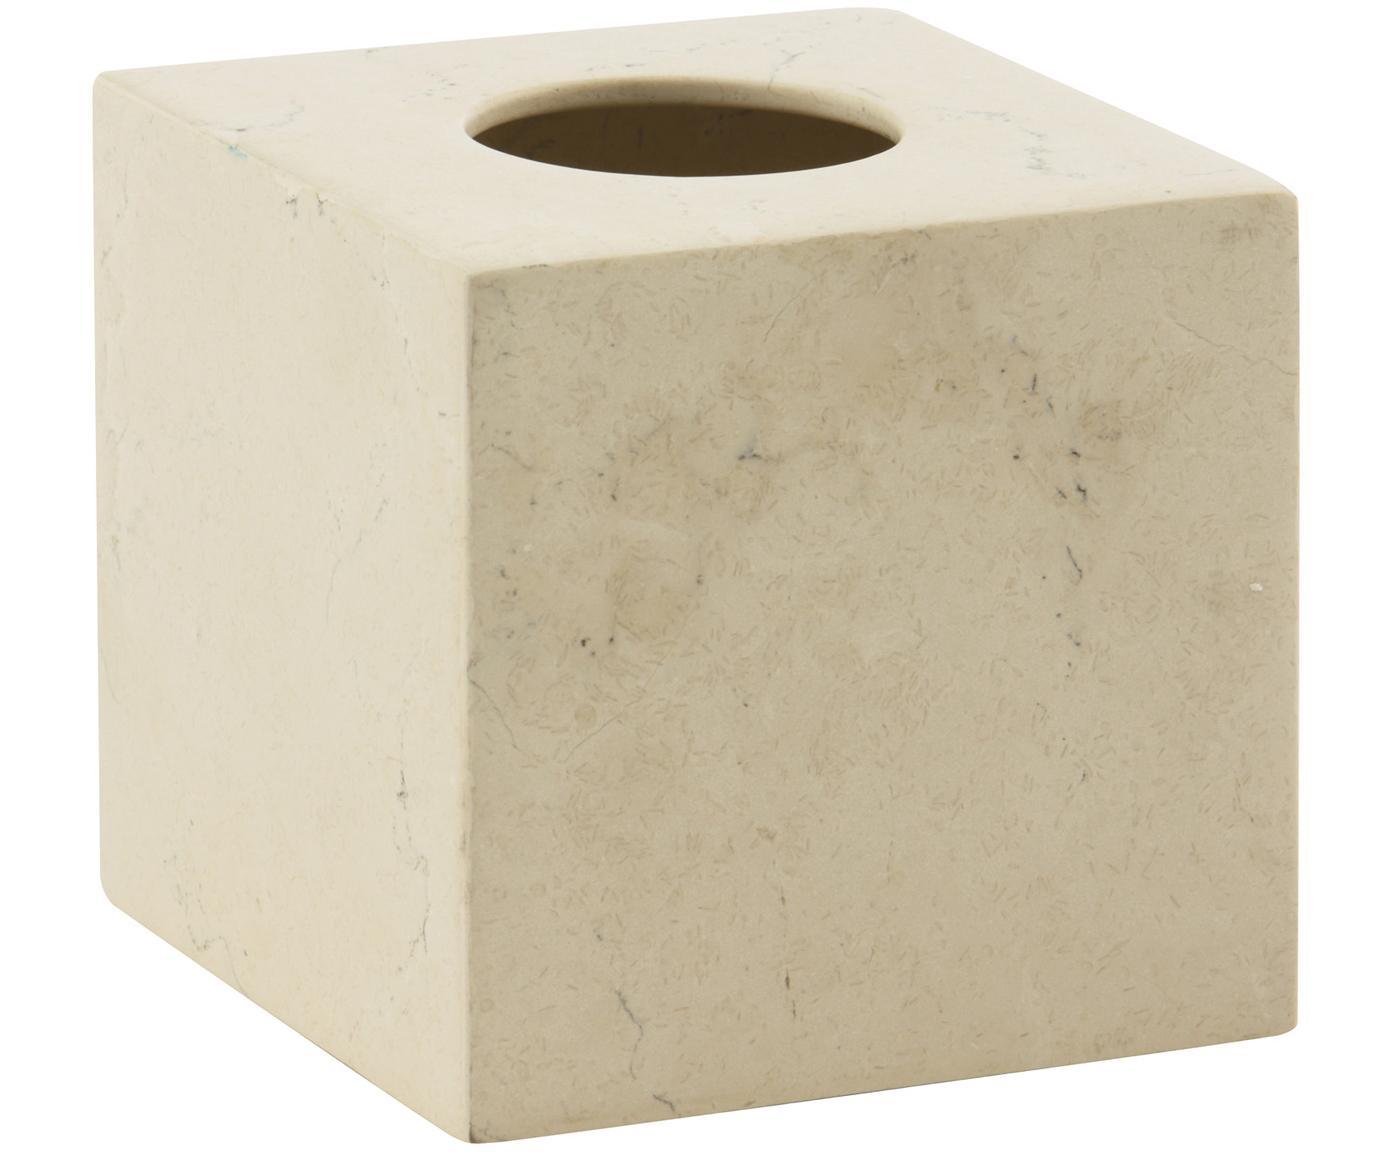 Pudełko na chusteczki z marmuru Luxor, Marmur, Beżowy, S 13 x W 13 cm